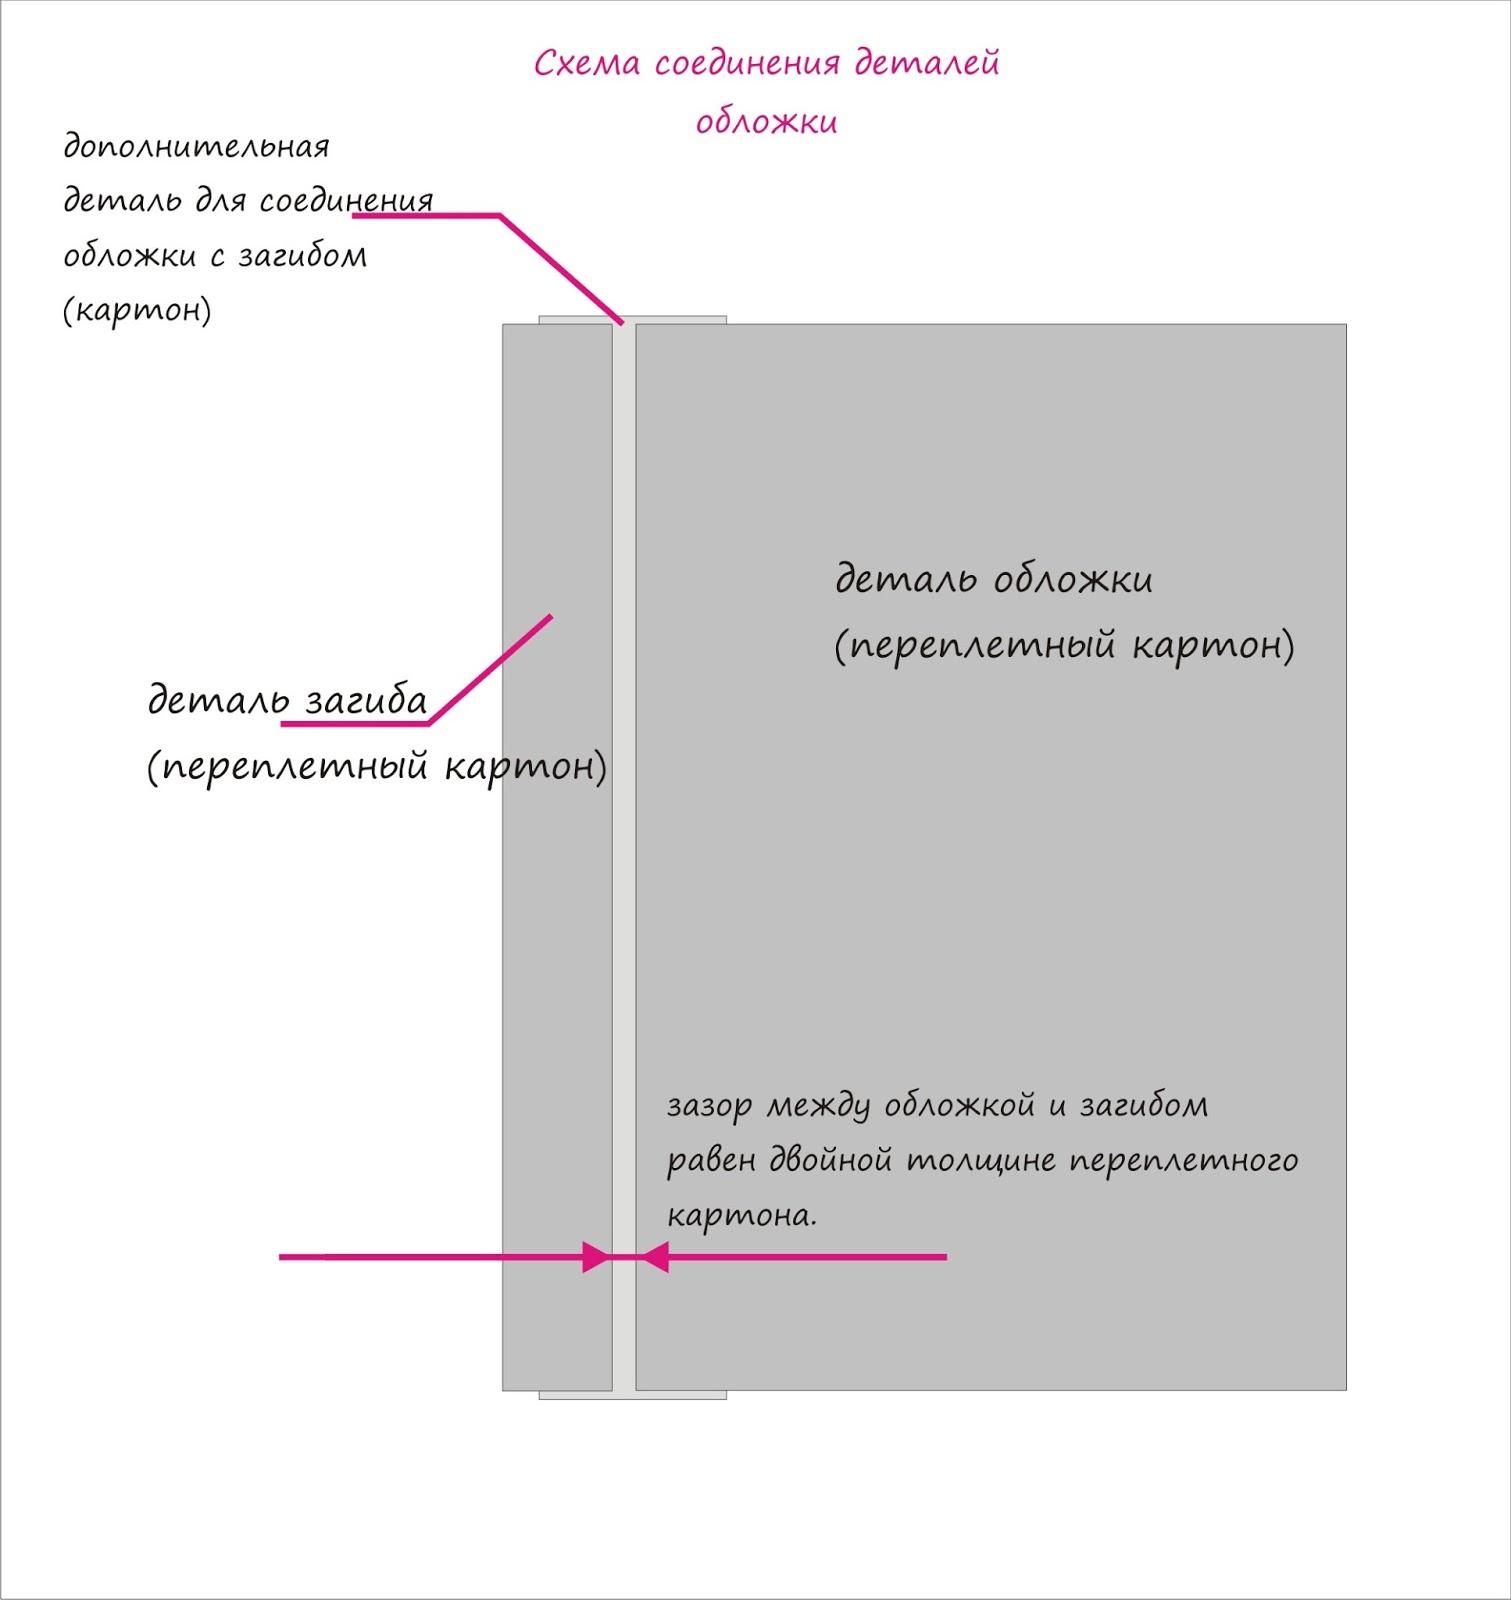 А также из картона вырезаем 2 полоски шириной 2-3 см, для соединения  обложки с полоской на загиб. Как показано на схеме. be5a8bd48d5